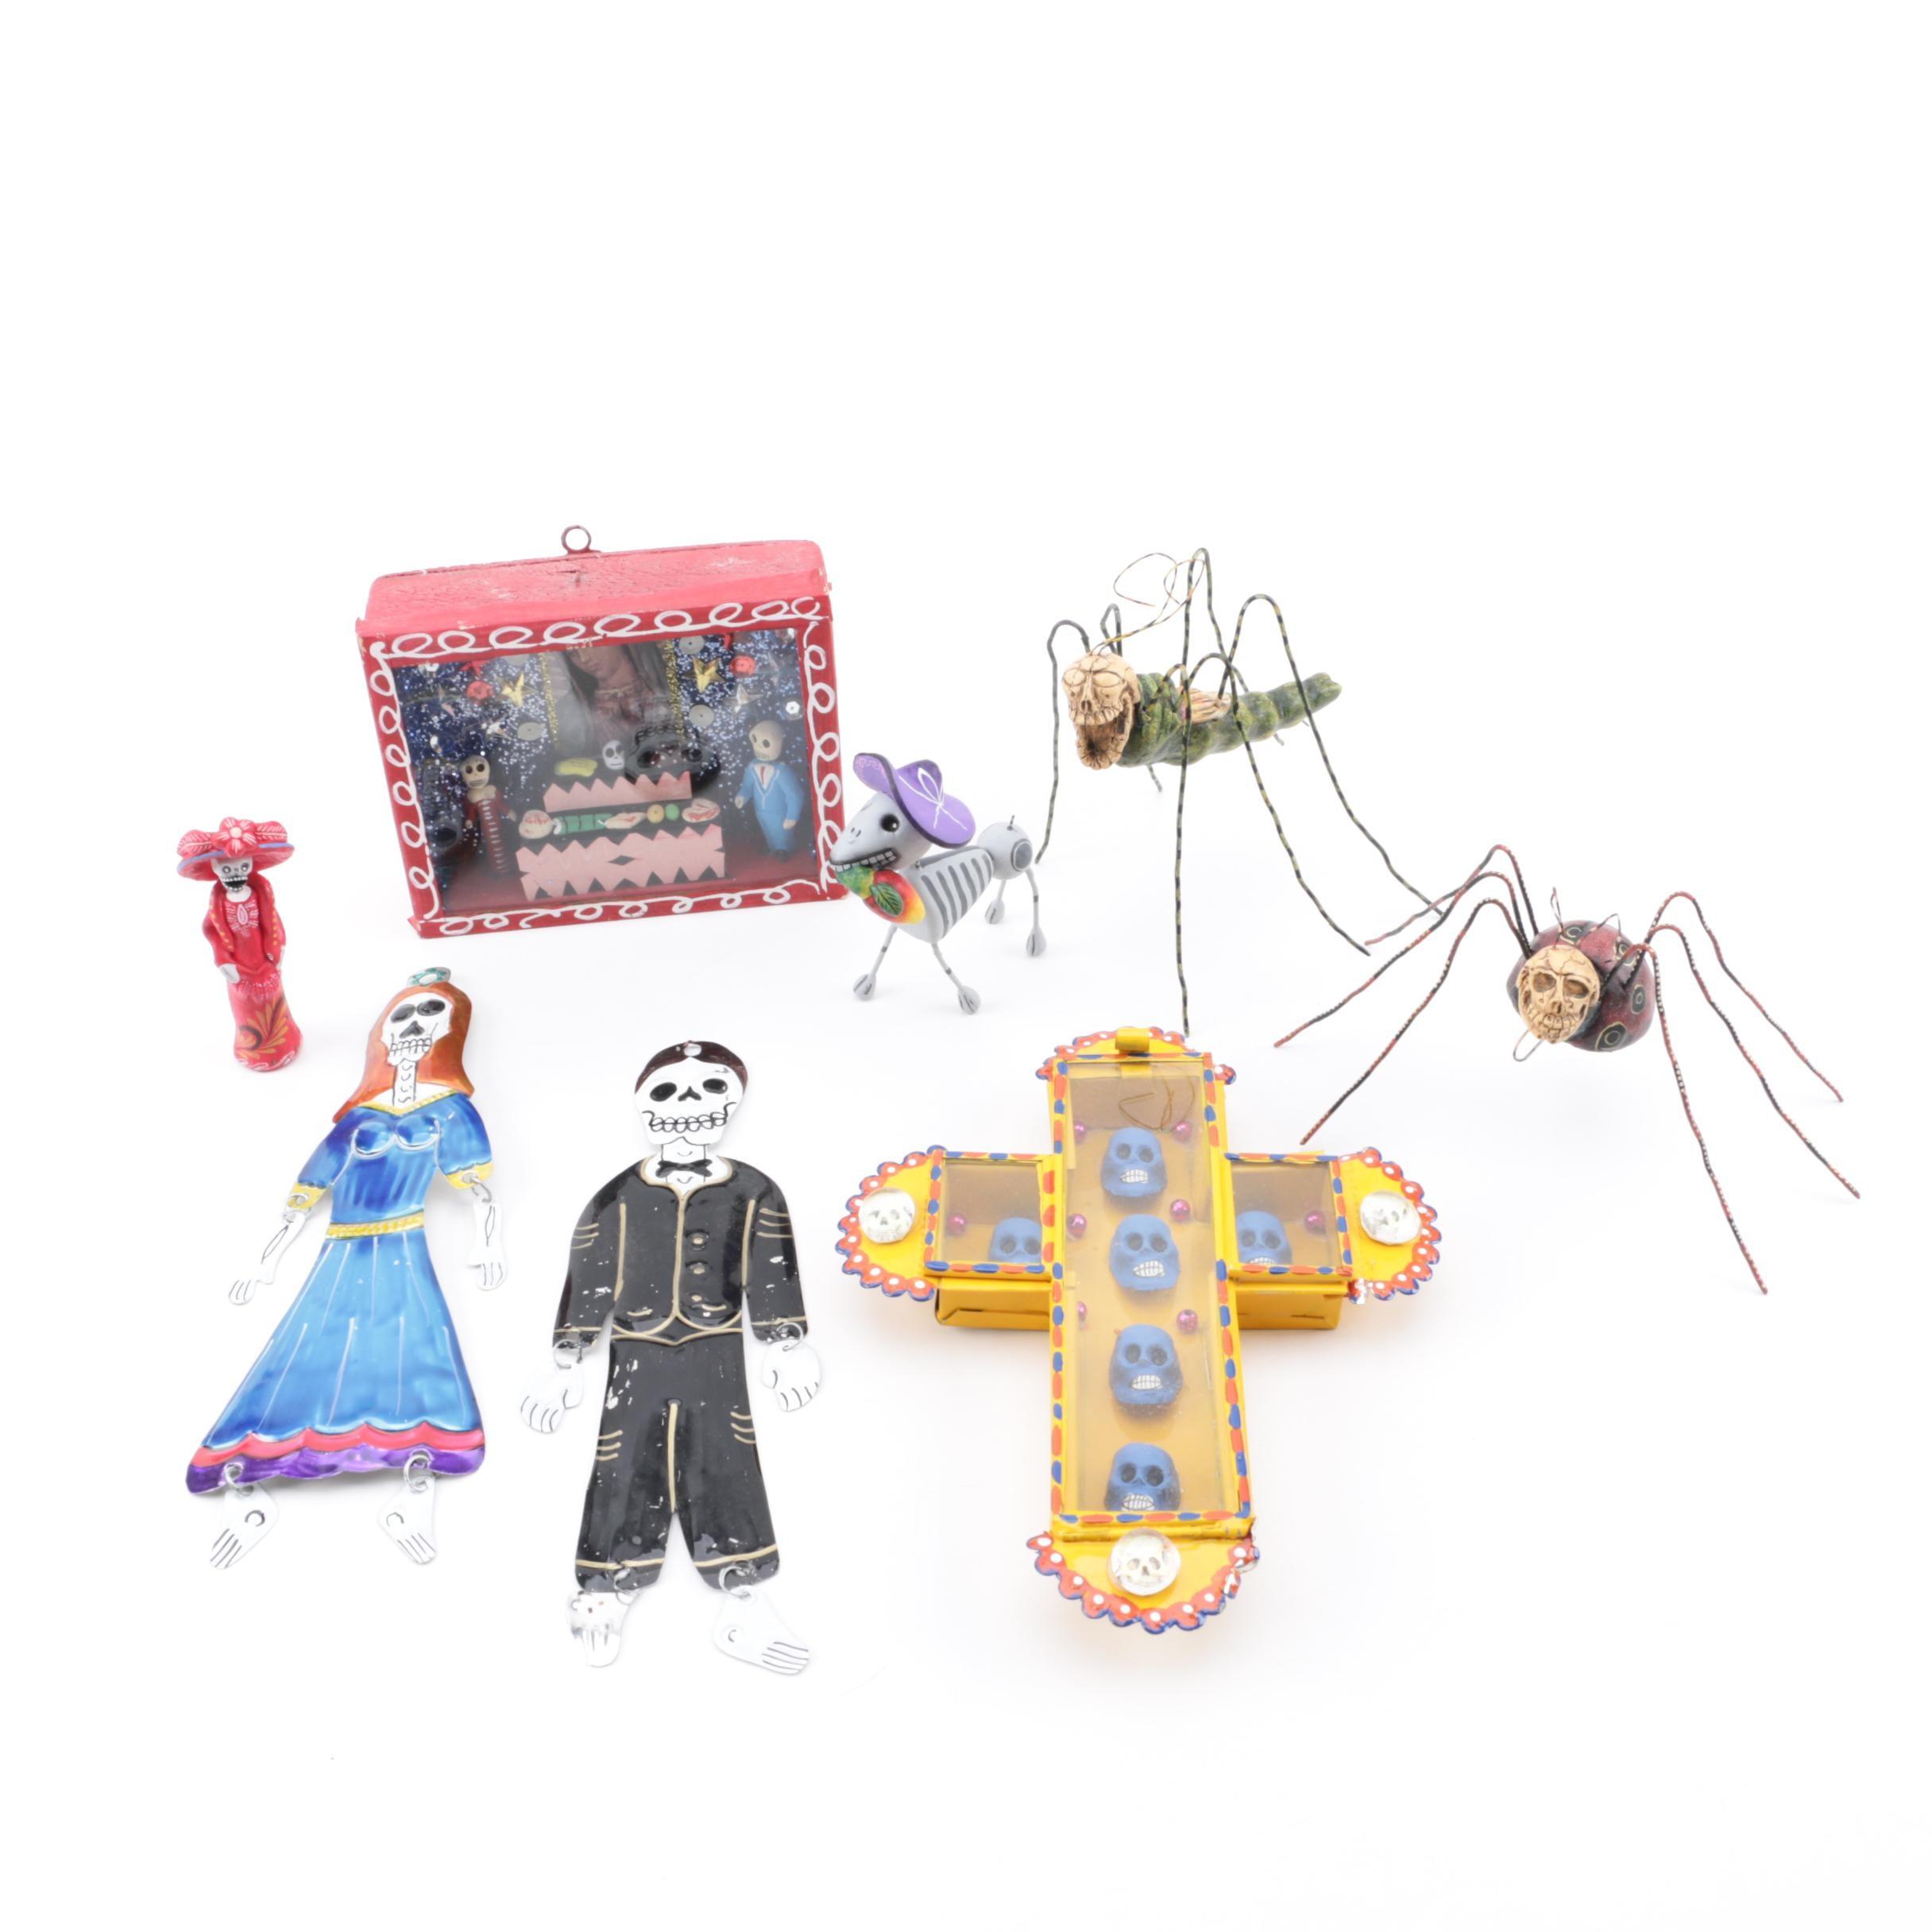 El Día de los Muertos Figurines and Signed Juan Jose Garcia Aguilar Sculptures